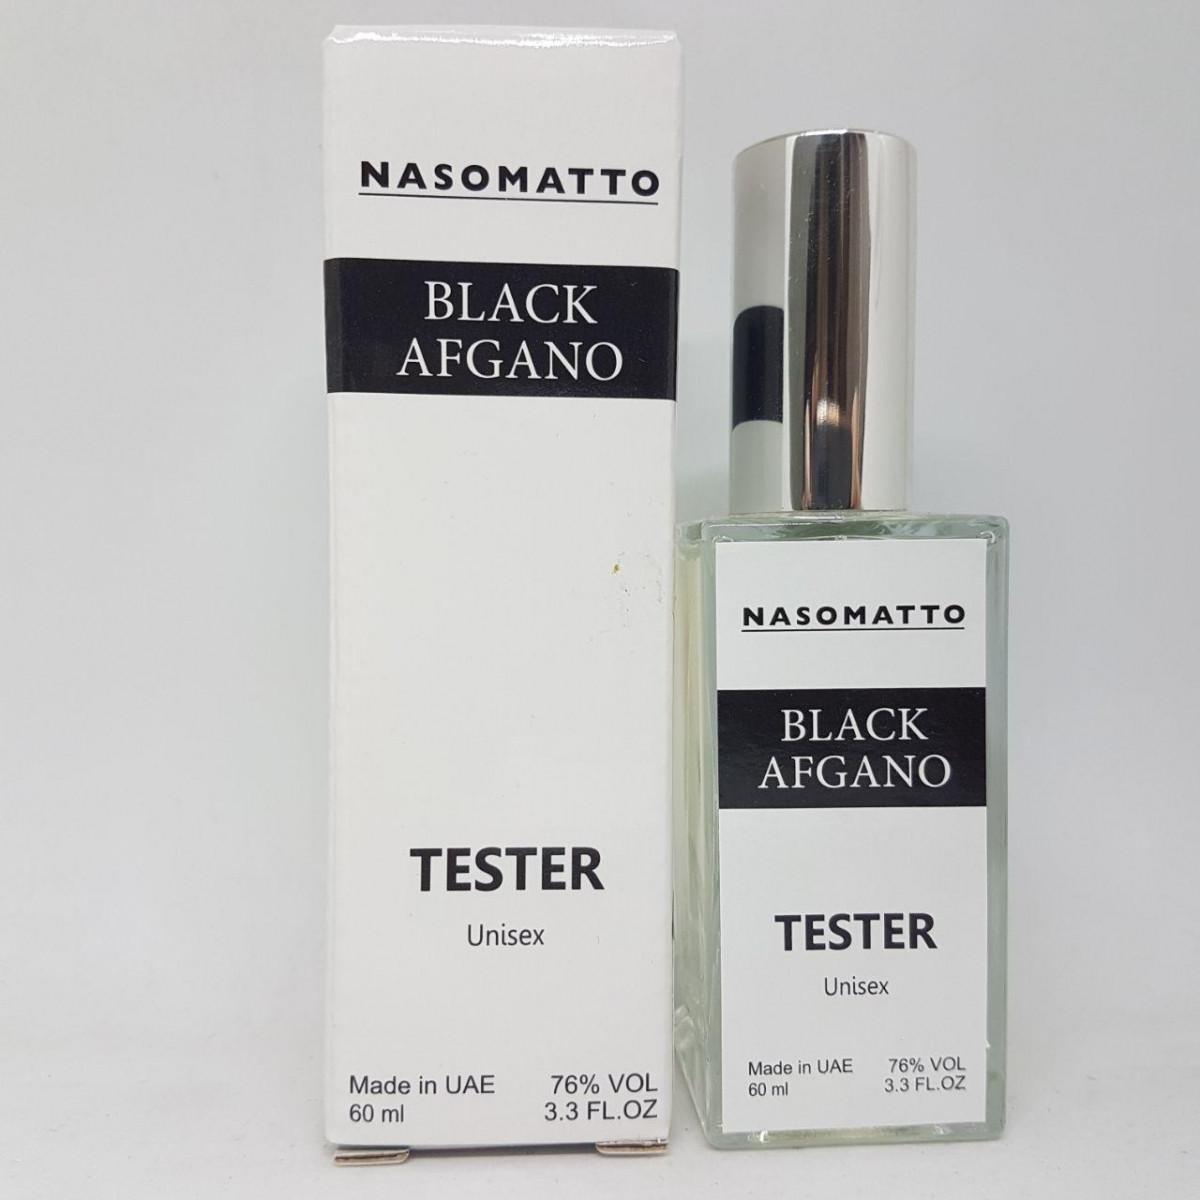 Nasomatto Black Afgano - Dubai Tester 60ml